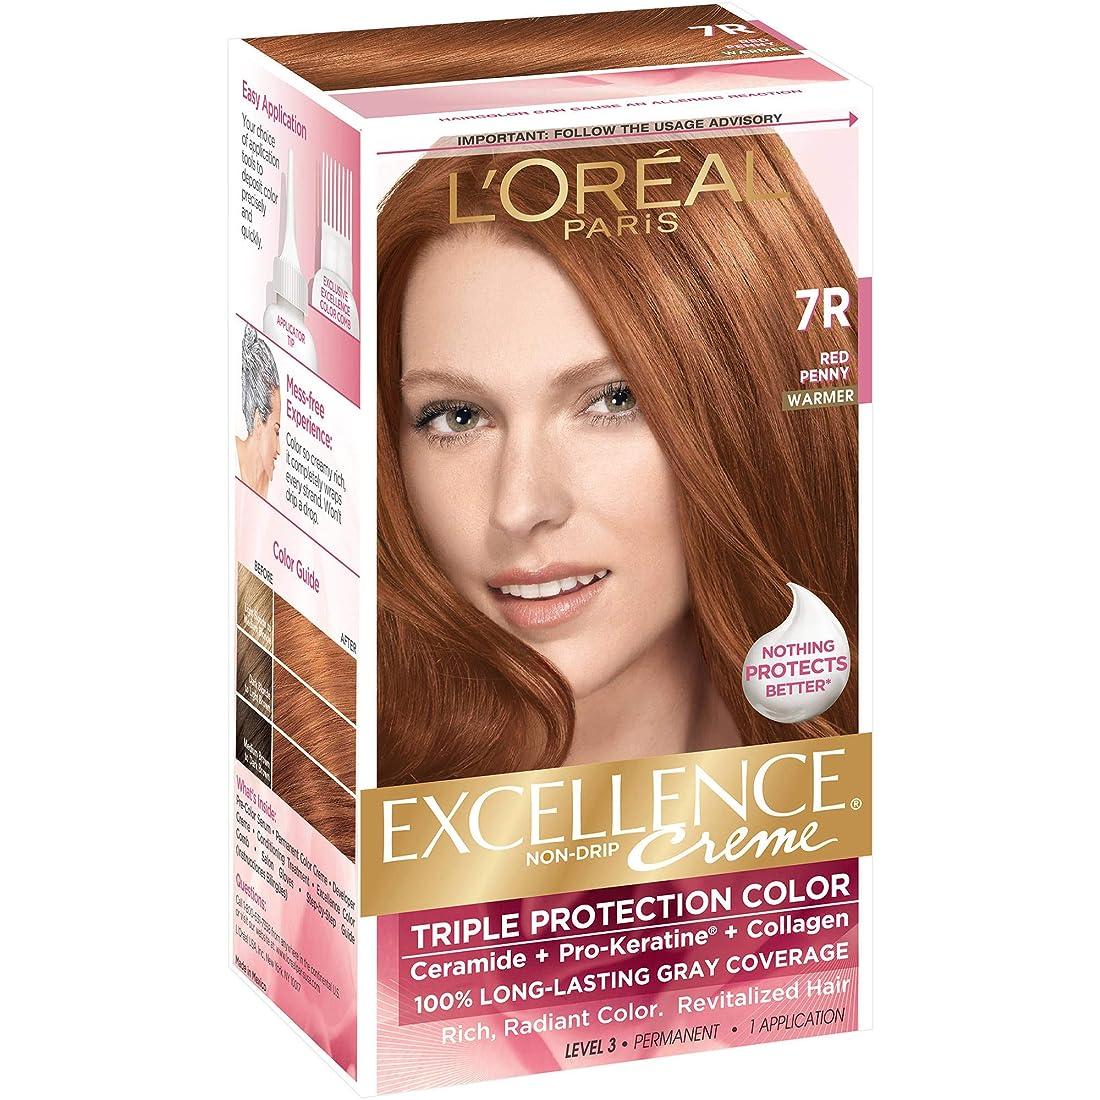 下着悩み特許L'Oreal Paris Excellence Non-Drip Creme Hair Color, Red Penny (Warmer) [7R] 1 ea by L'Oreal Paris